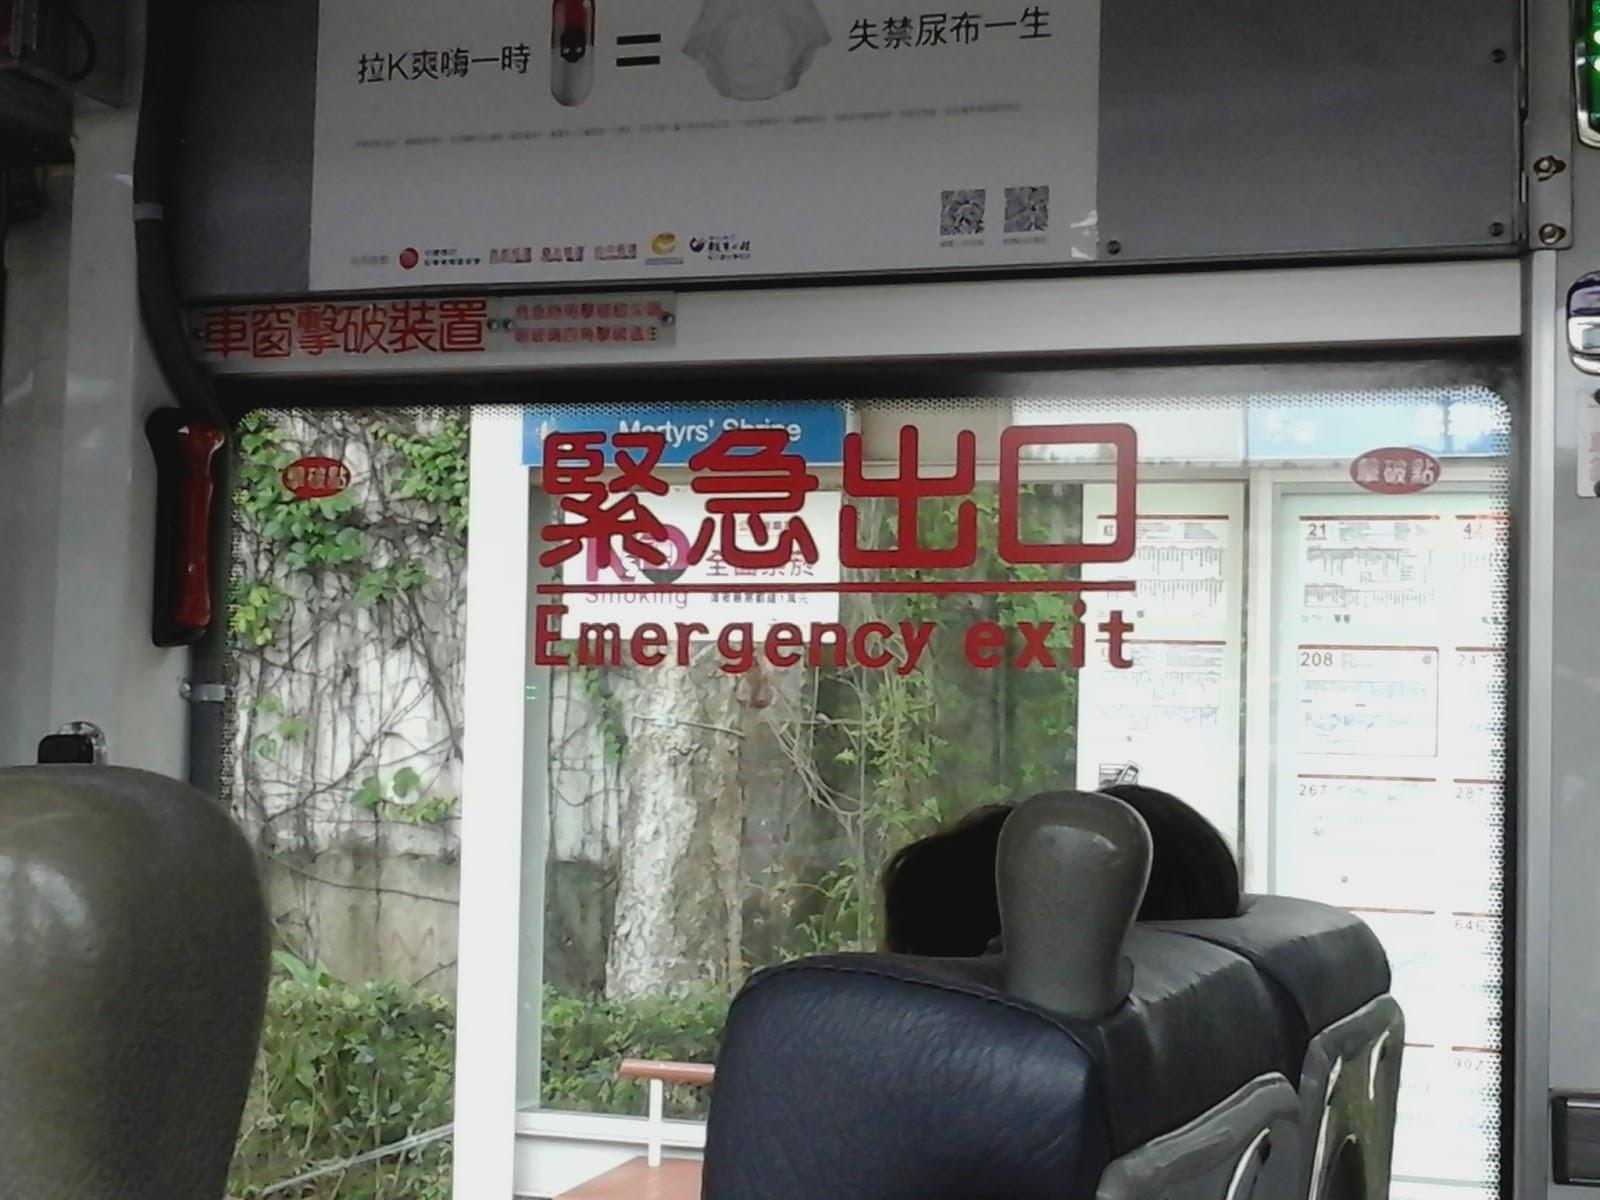 就是愛公車: 20170606 287區 東湖-捷運圓山站 撘乘記錄